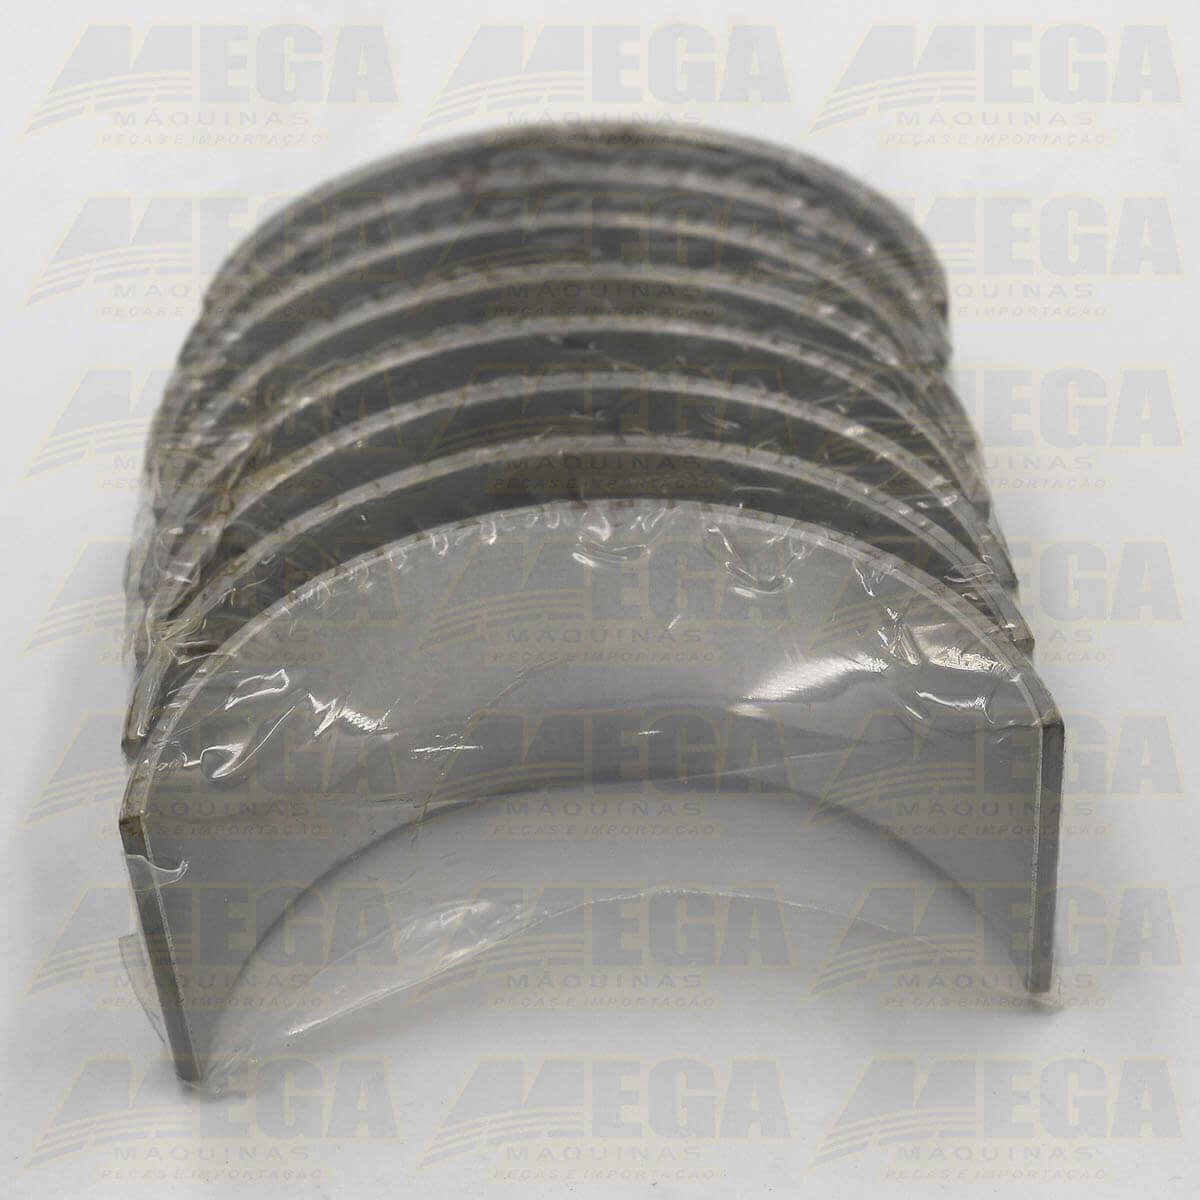 Kit de Bronzinas de Biela 0.25mm 320/09206 32009206